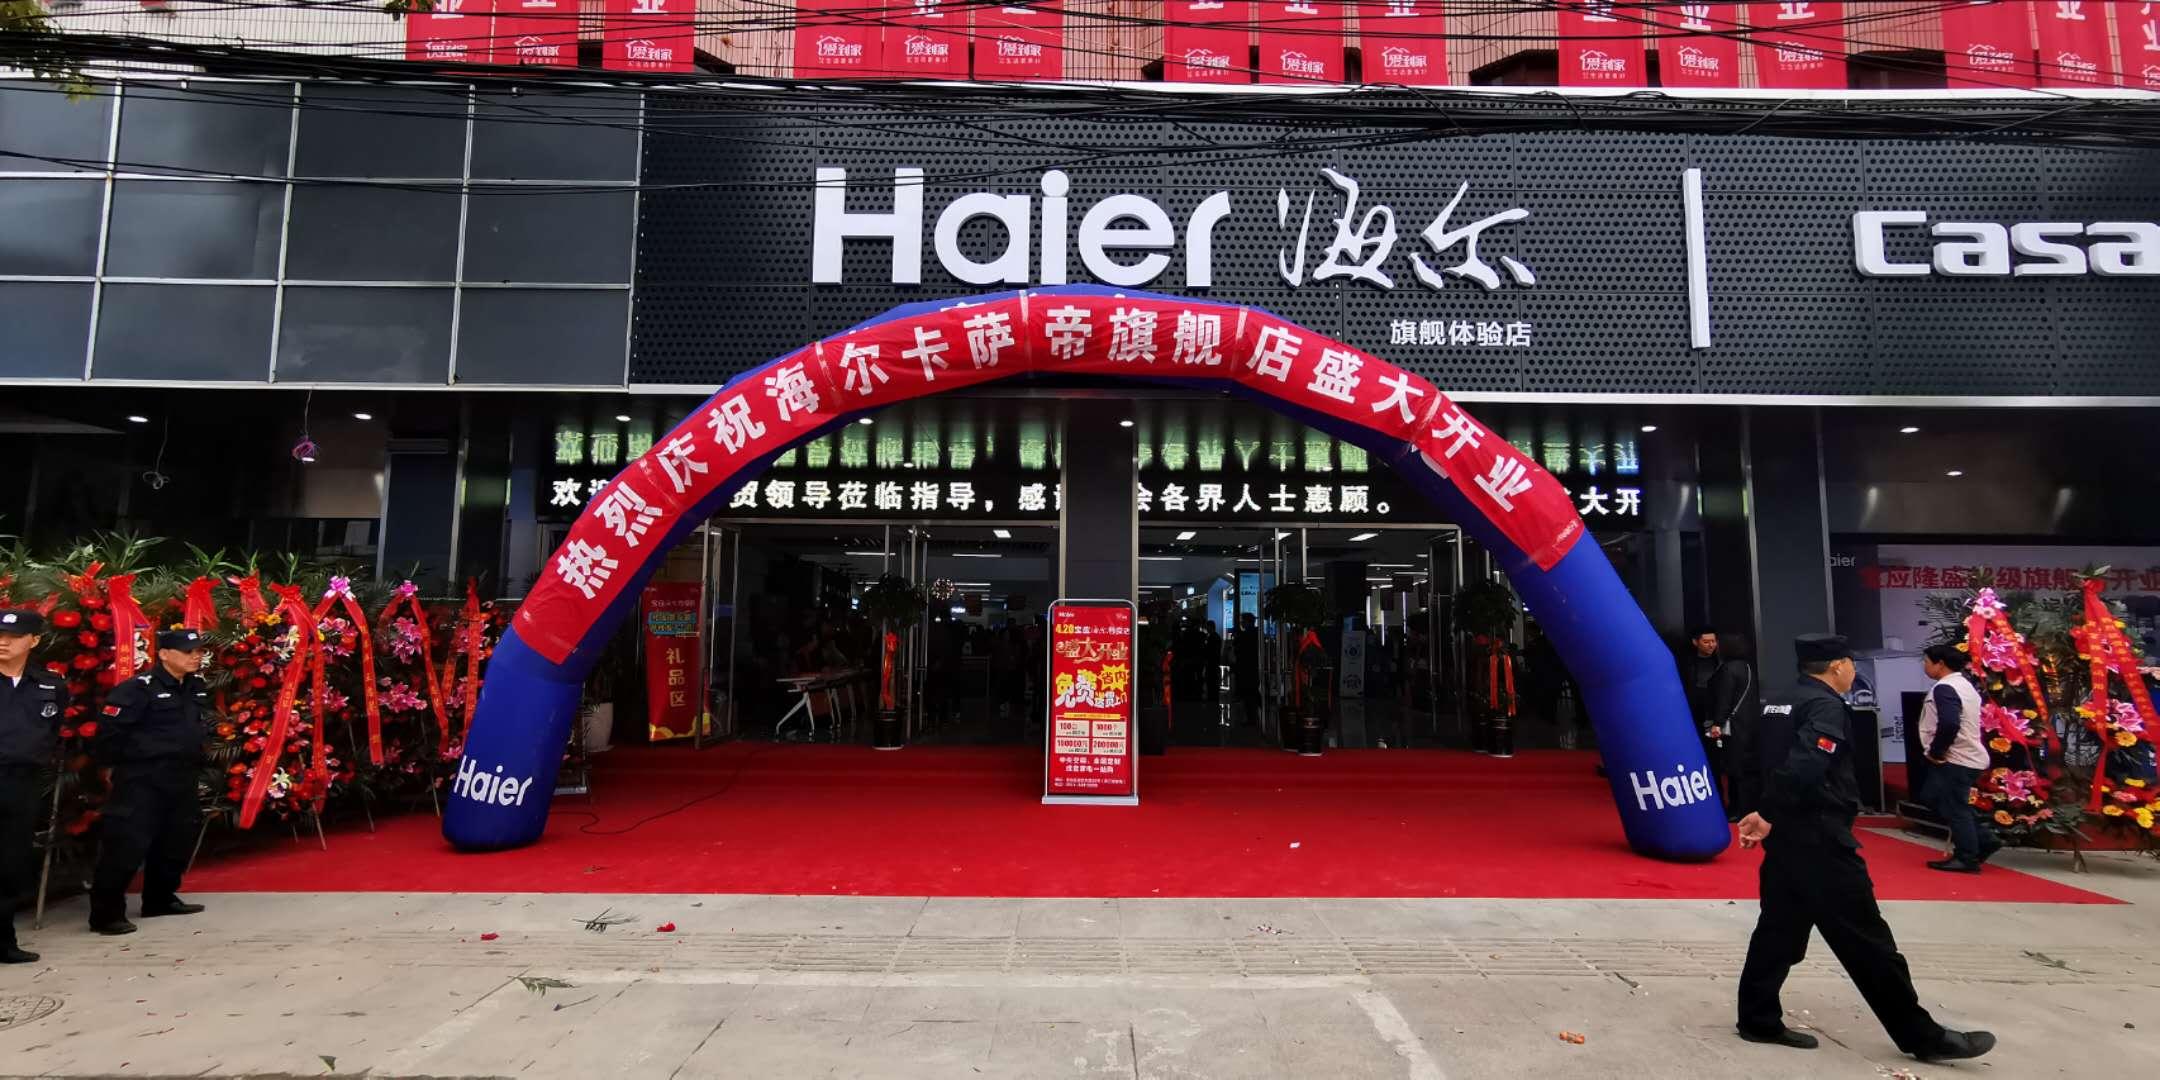 热烈祝贺海尔卡萨帝旗舰店盛大开业!